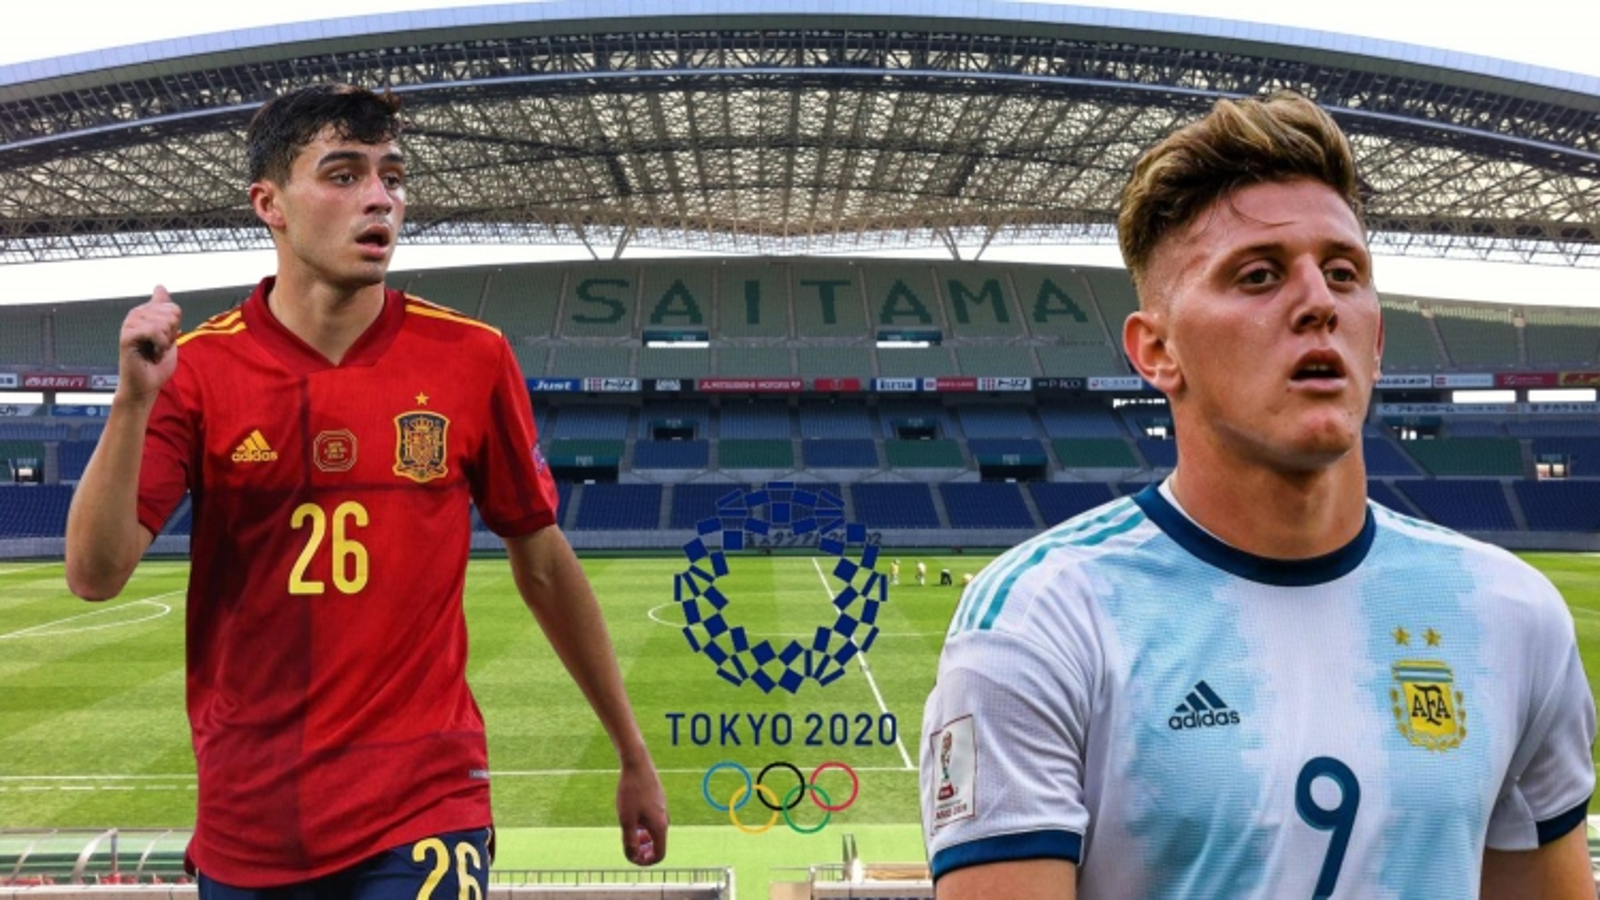 Dự đoán kết quả, đội hình xuất phát trận Olympic Tây Ban Nha - Olympic Argentina